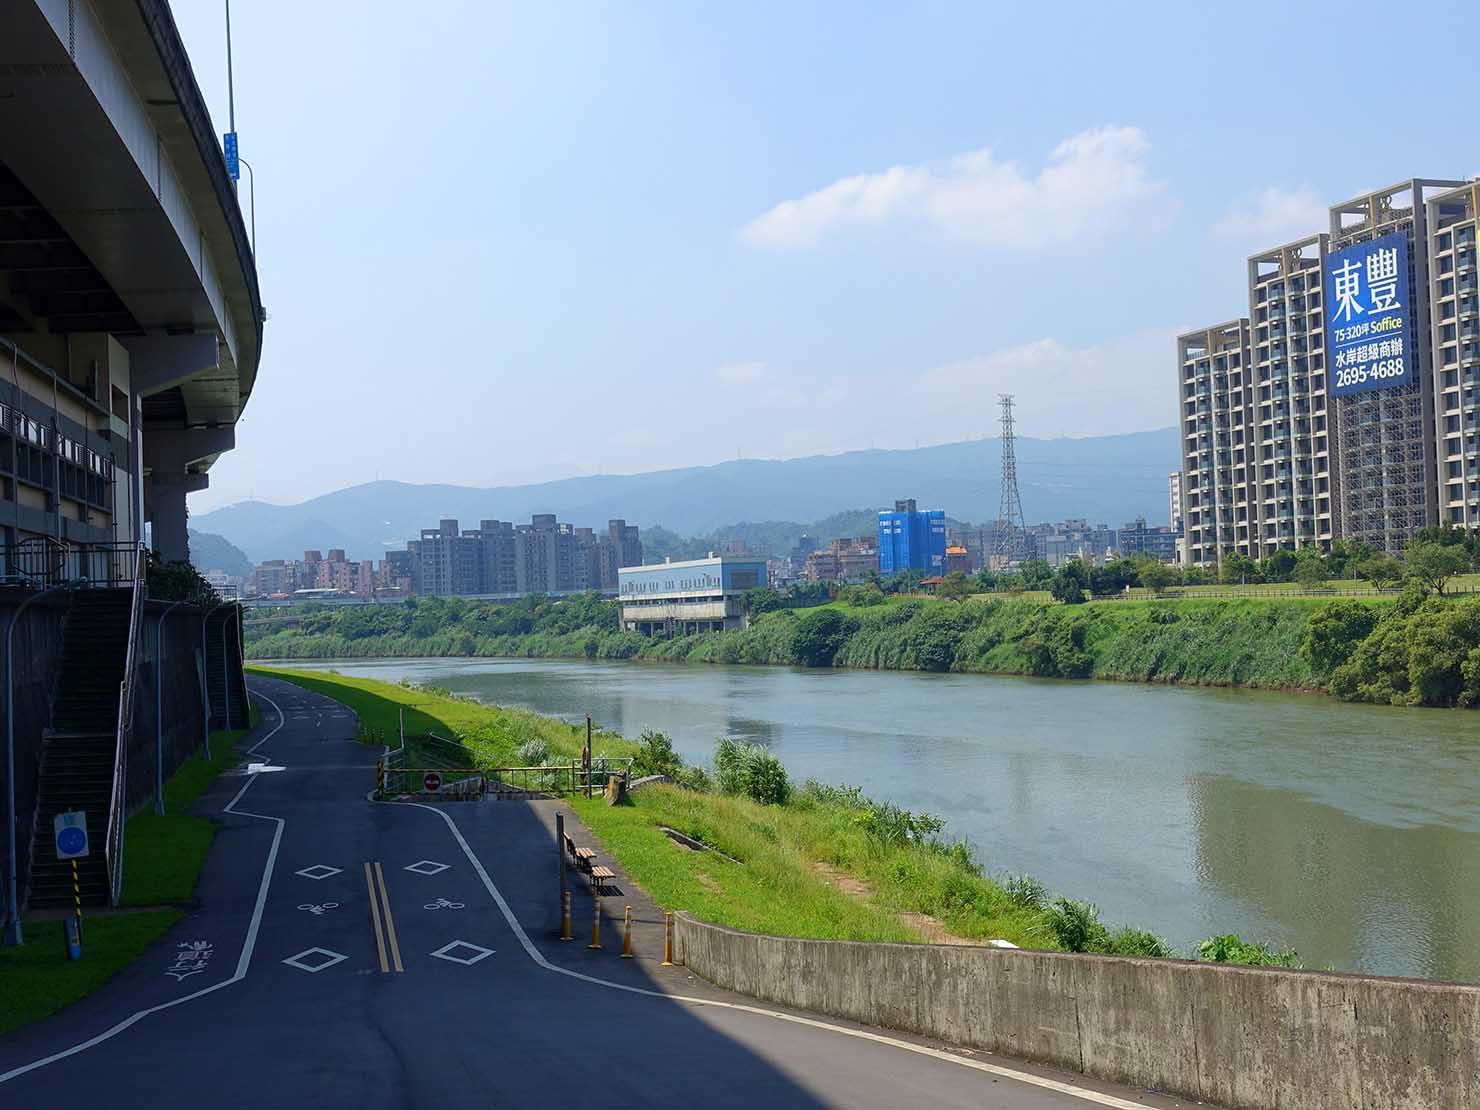 台北一周自転車道「南湖左岸河濱公園」入り口